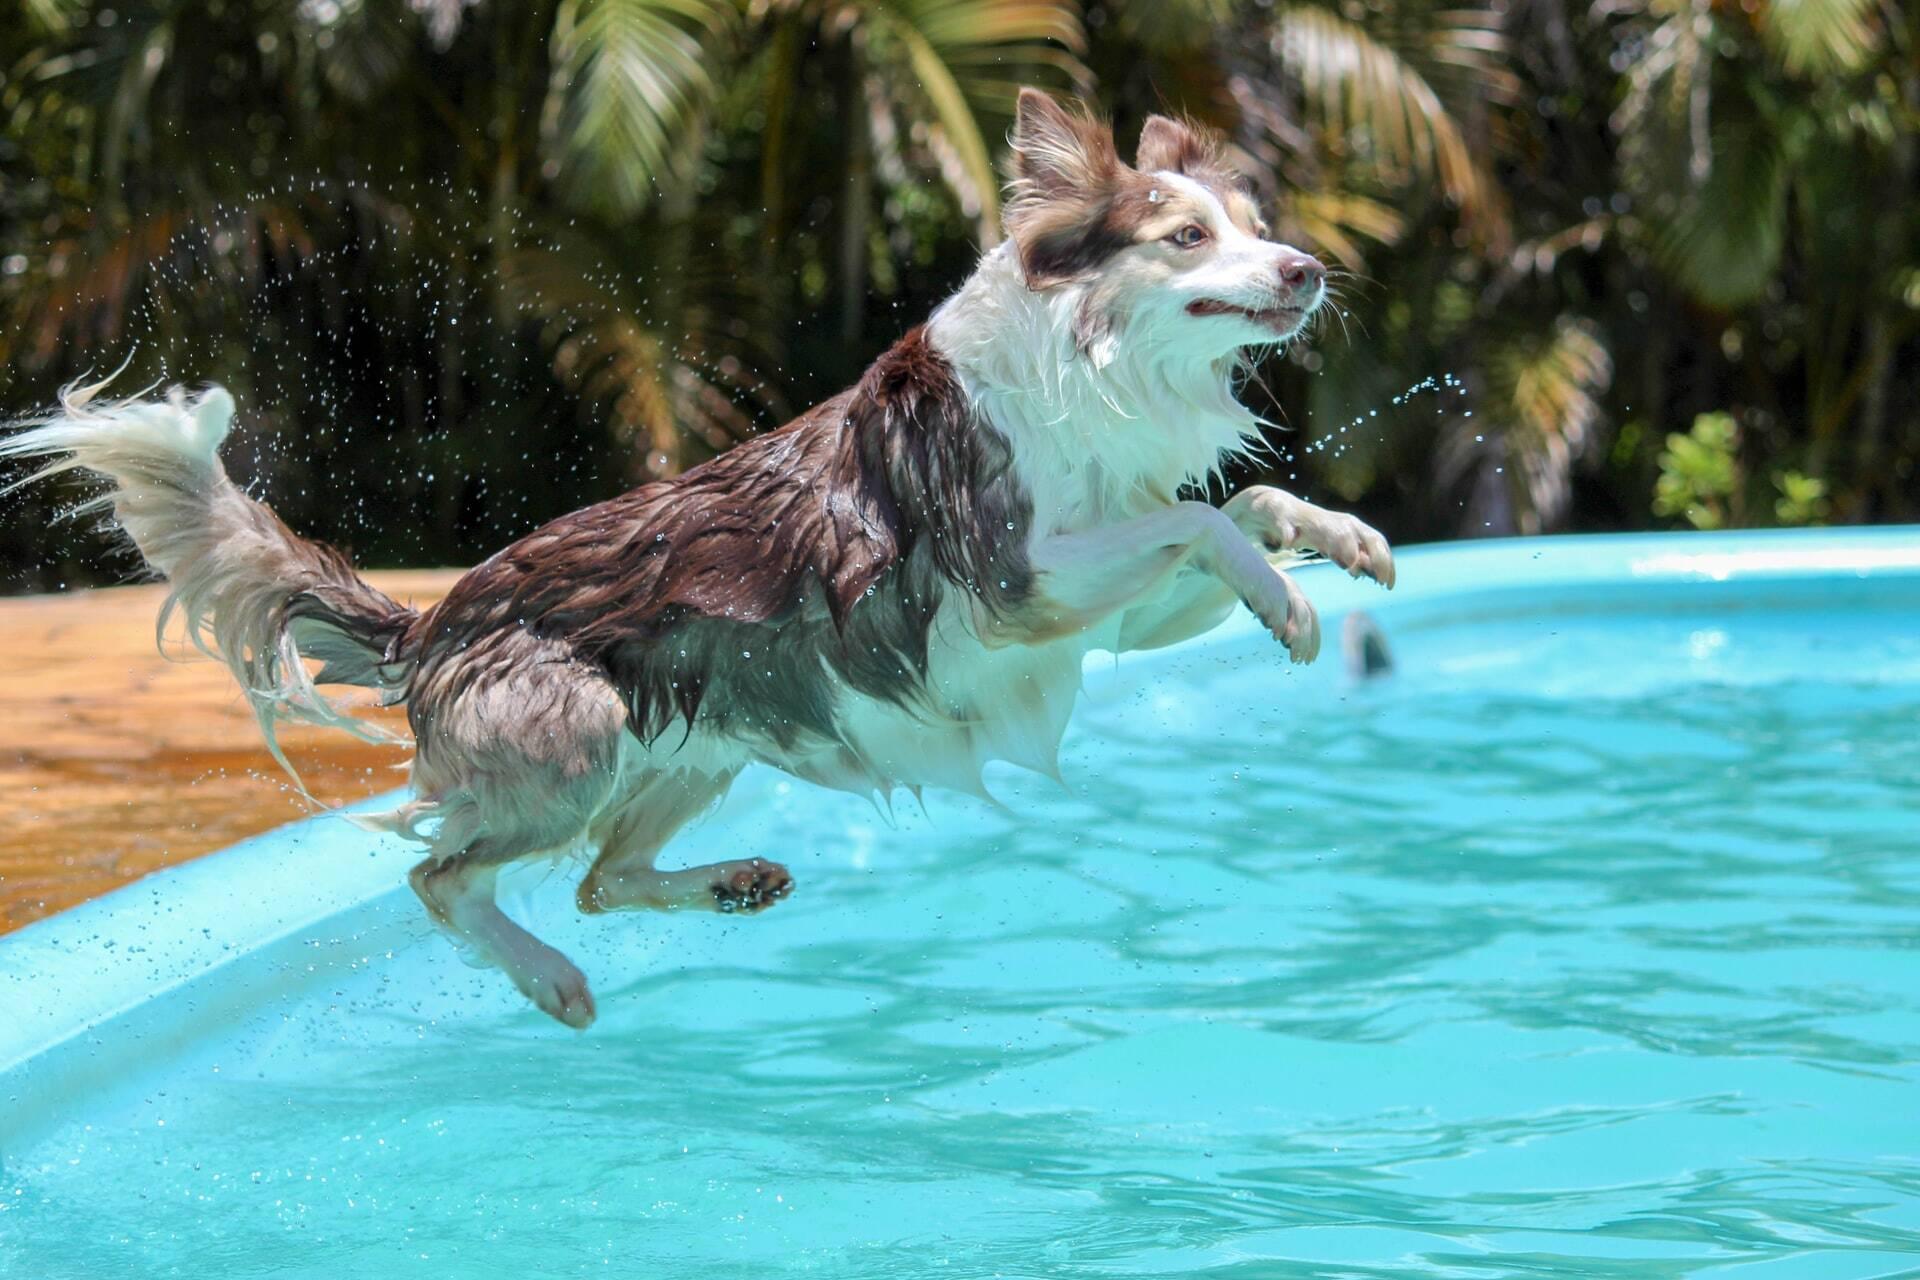 Saiba quais cães são bons nadadores e quais devem ficar longe da água